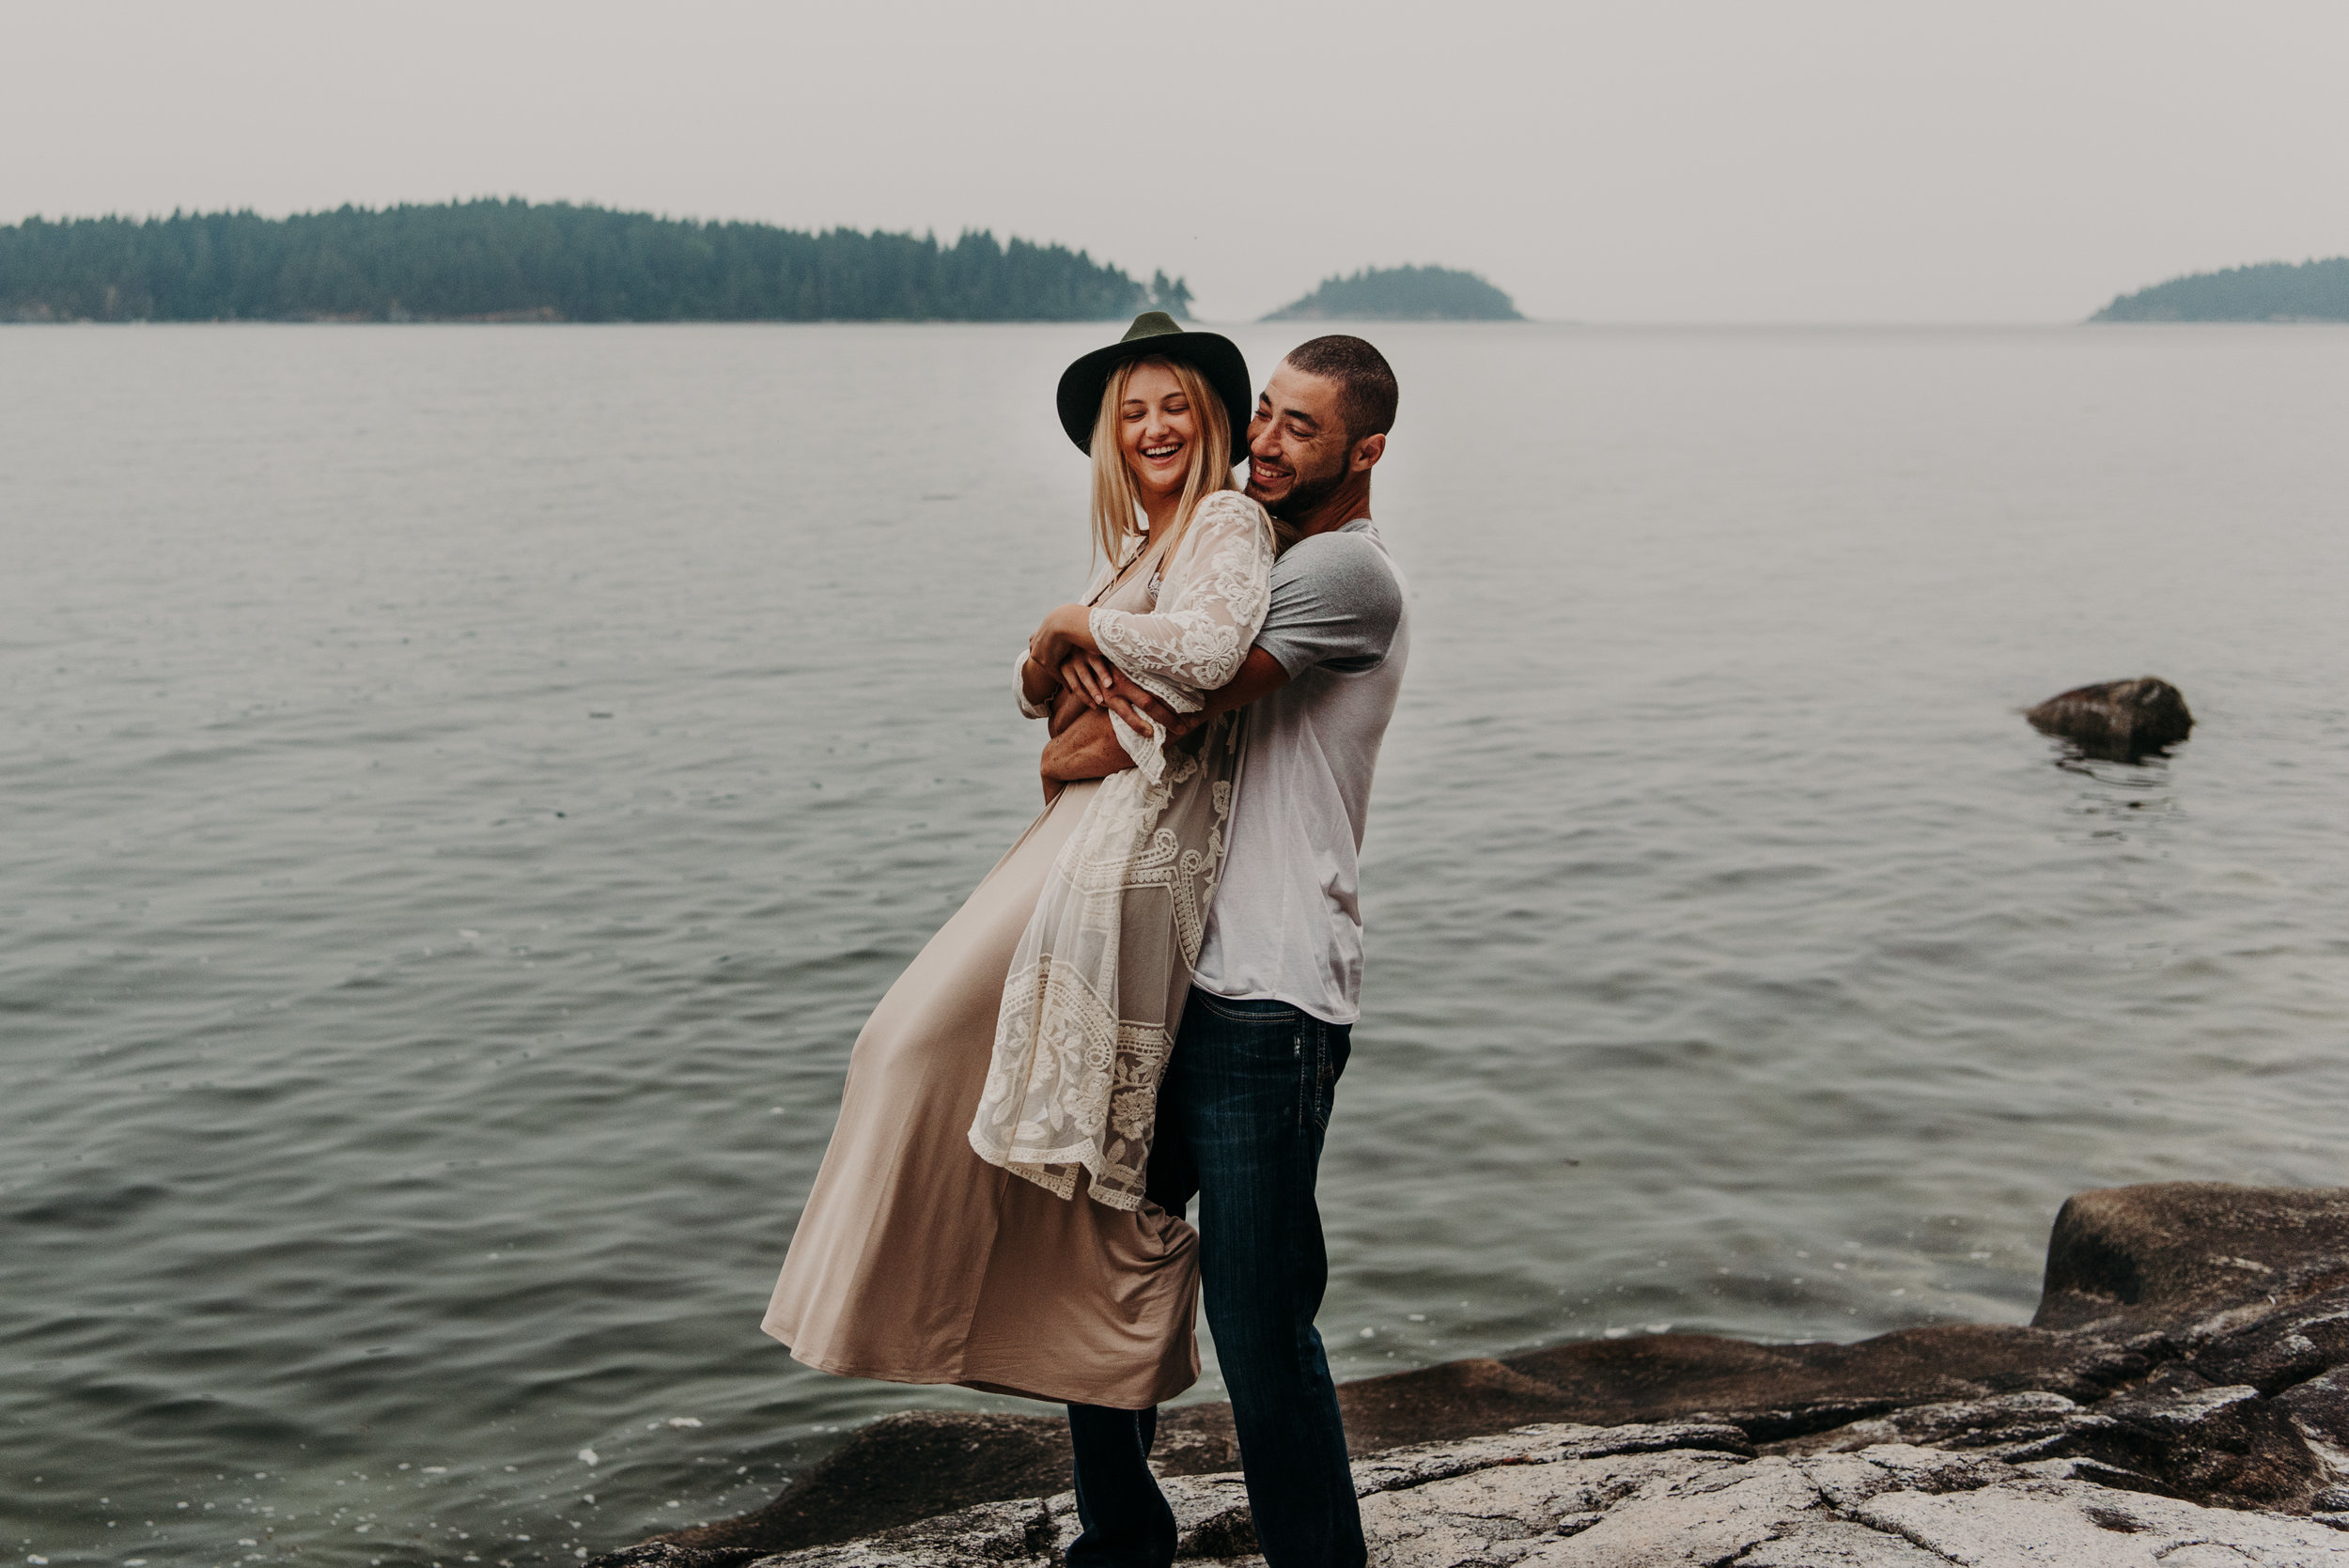 Sierra & Tyler Summer Beach Couples Session - Laura Olson Photography - Sunshine Coast BC Photographer-2392.jpg